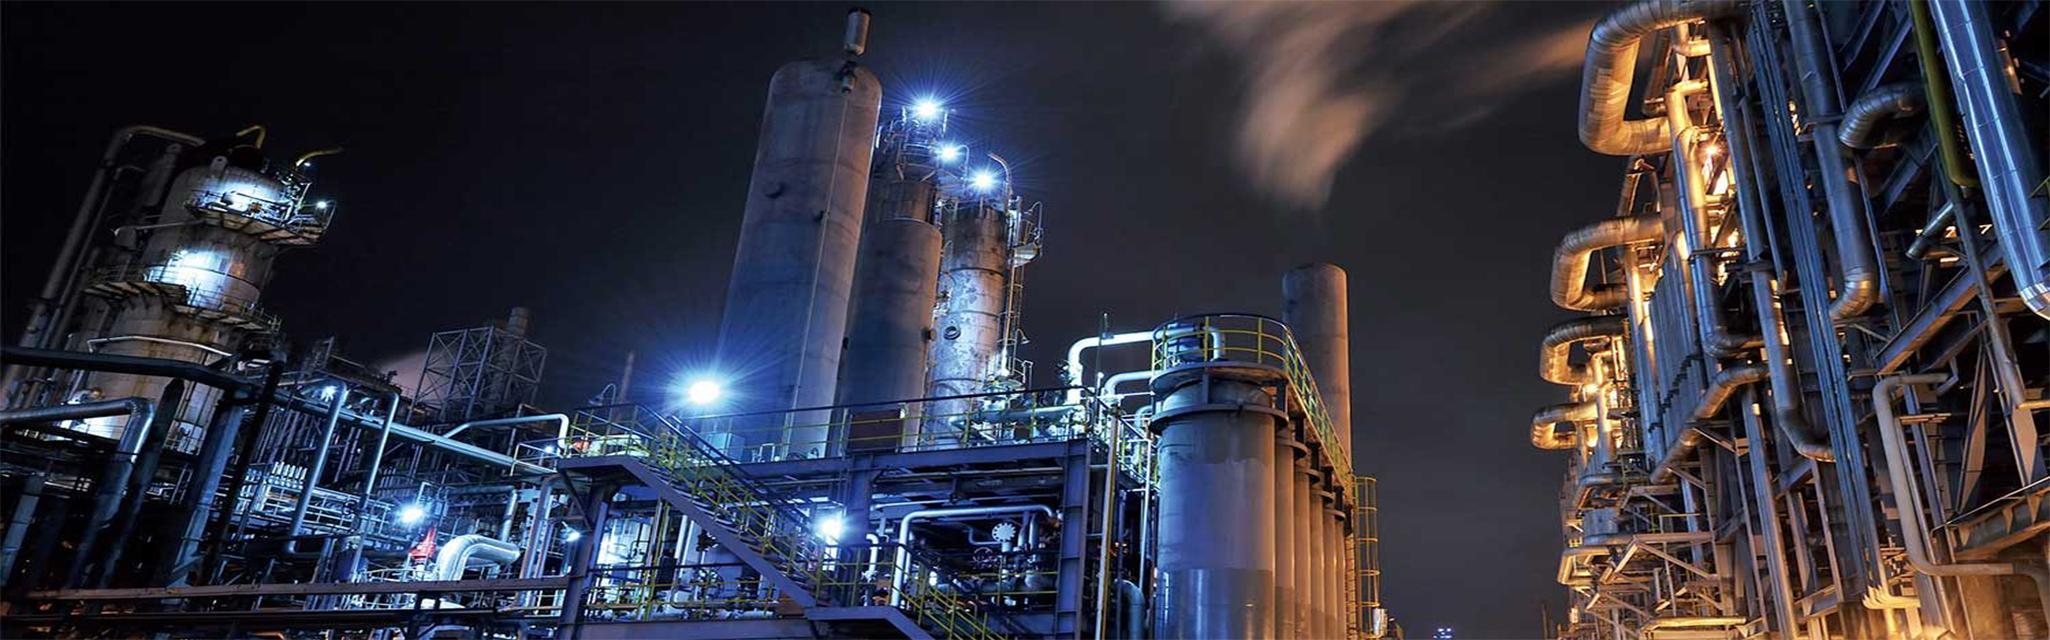 محافظت حداکثری از ساختمان و سازه های صنعتی در برابر حریق  مطابق با آیین نامه و استانداردهای بین المللی